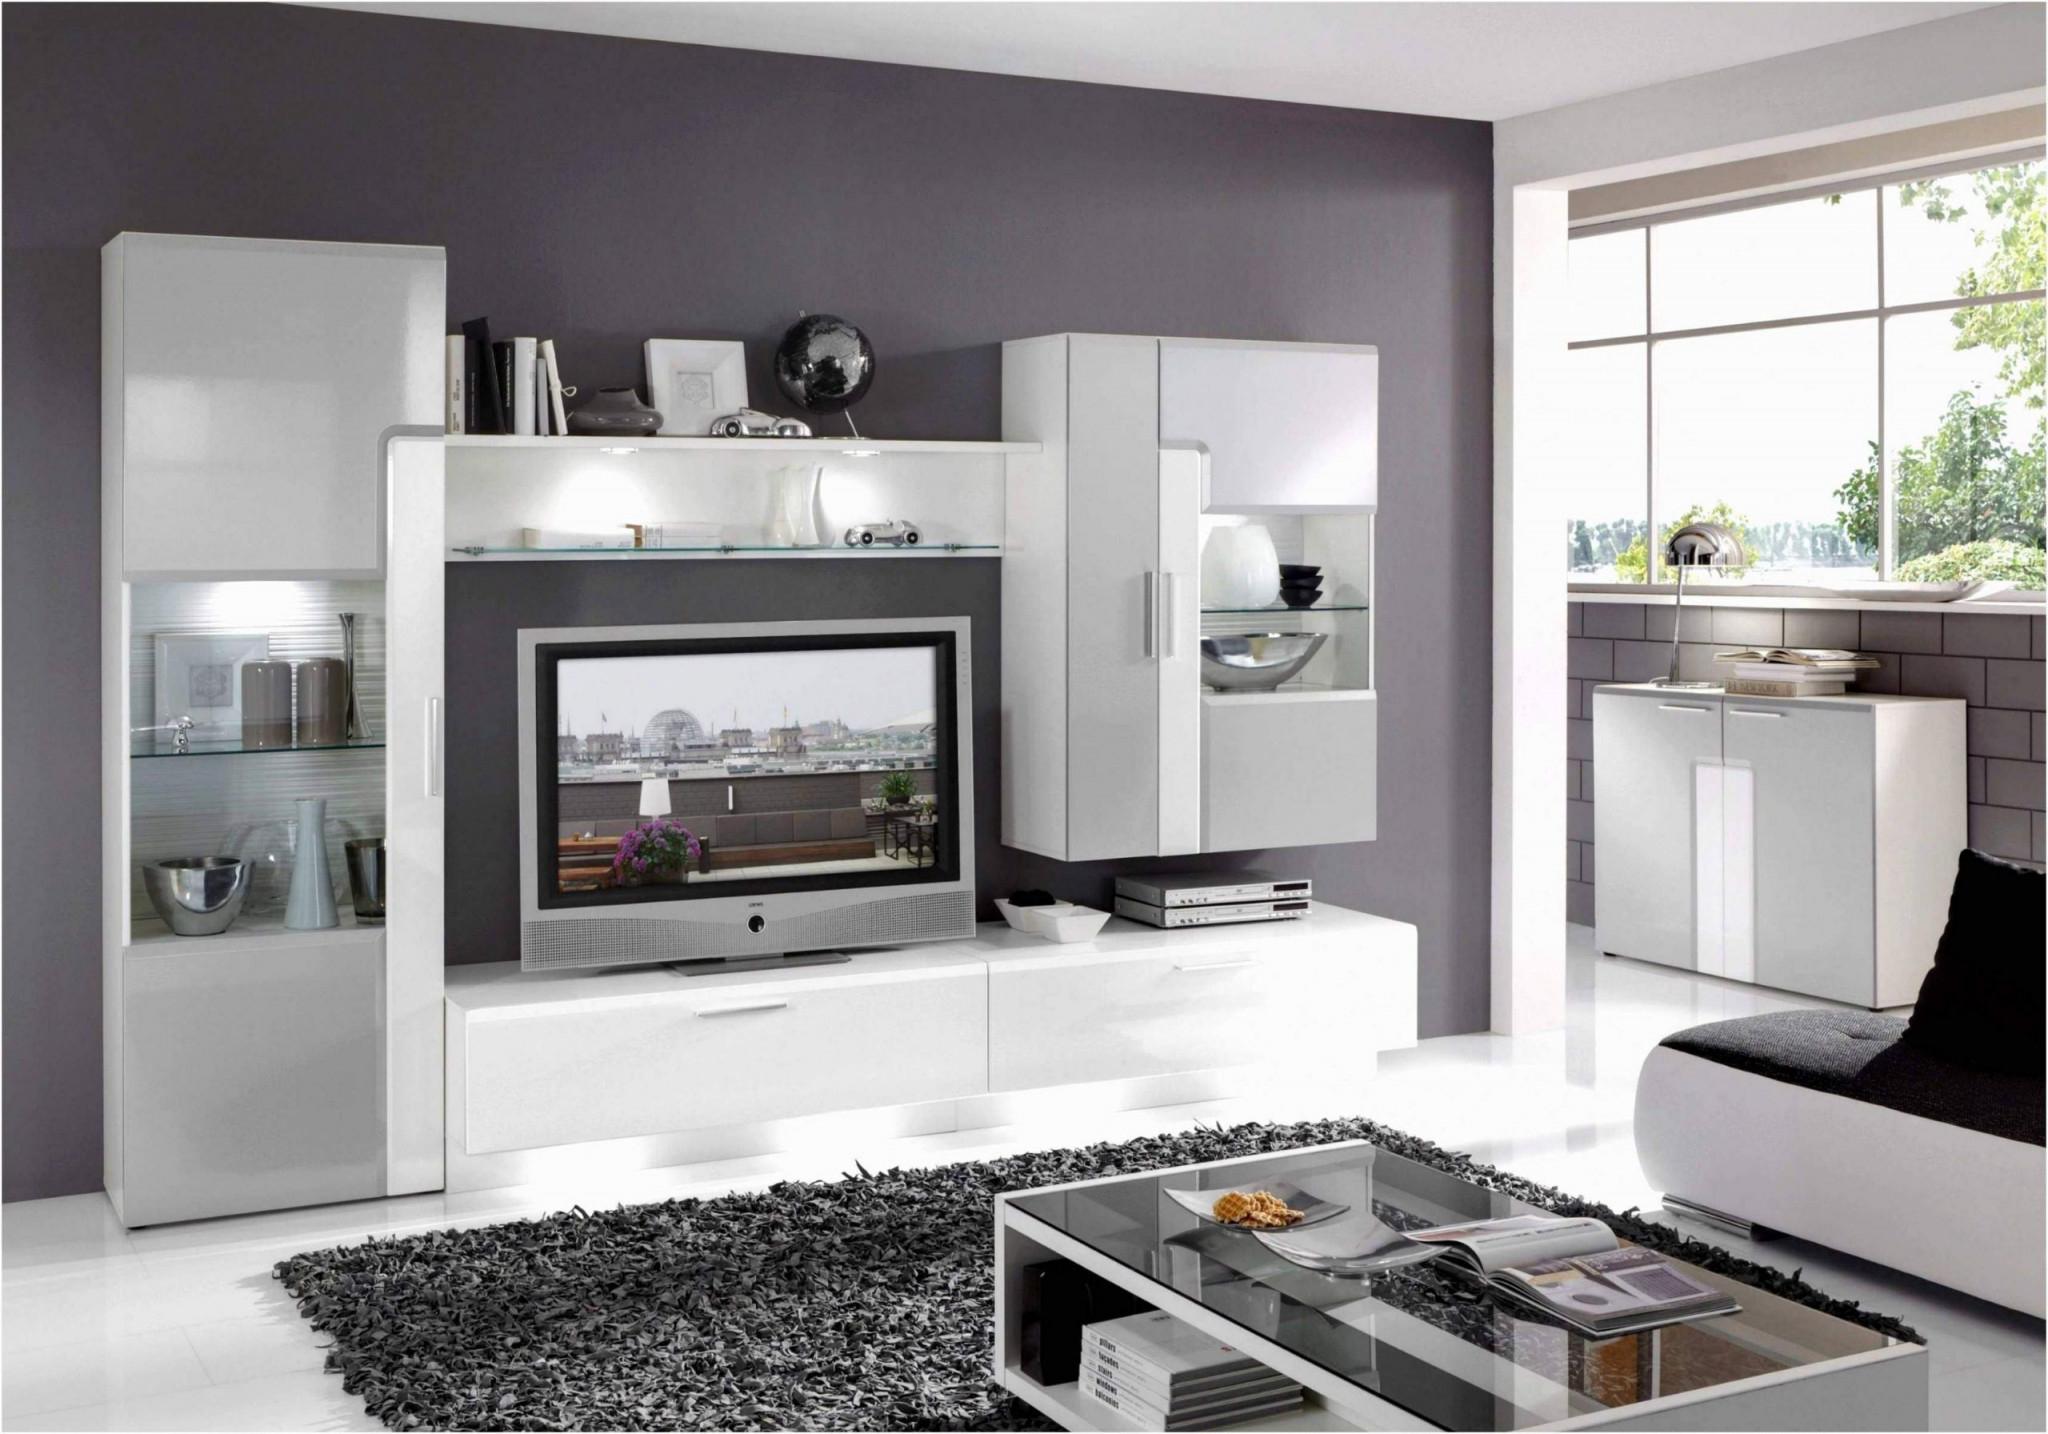 Wohnzimmerwand Ideen Grau von Wohnzimmer Ideen Grau Weiß Schwarz Bild